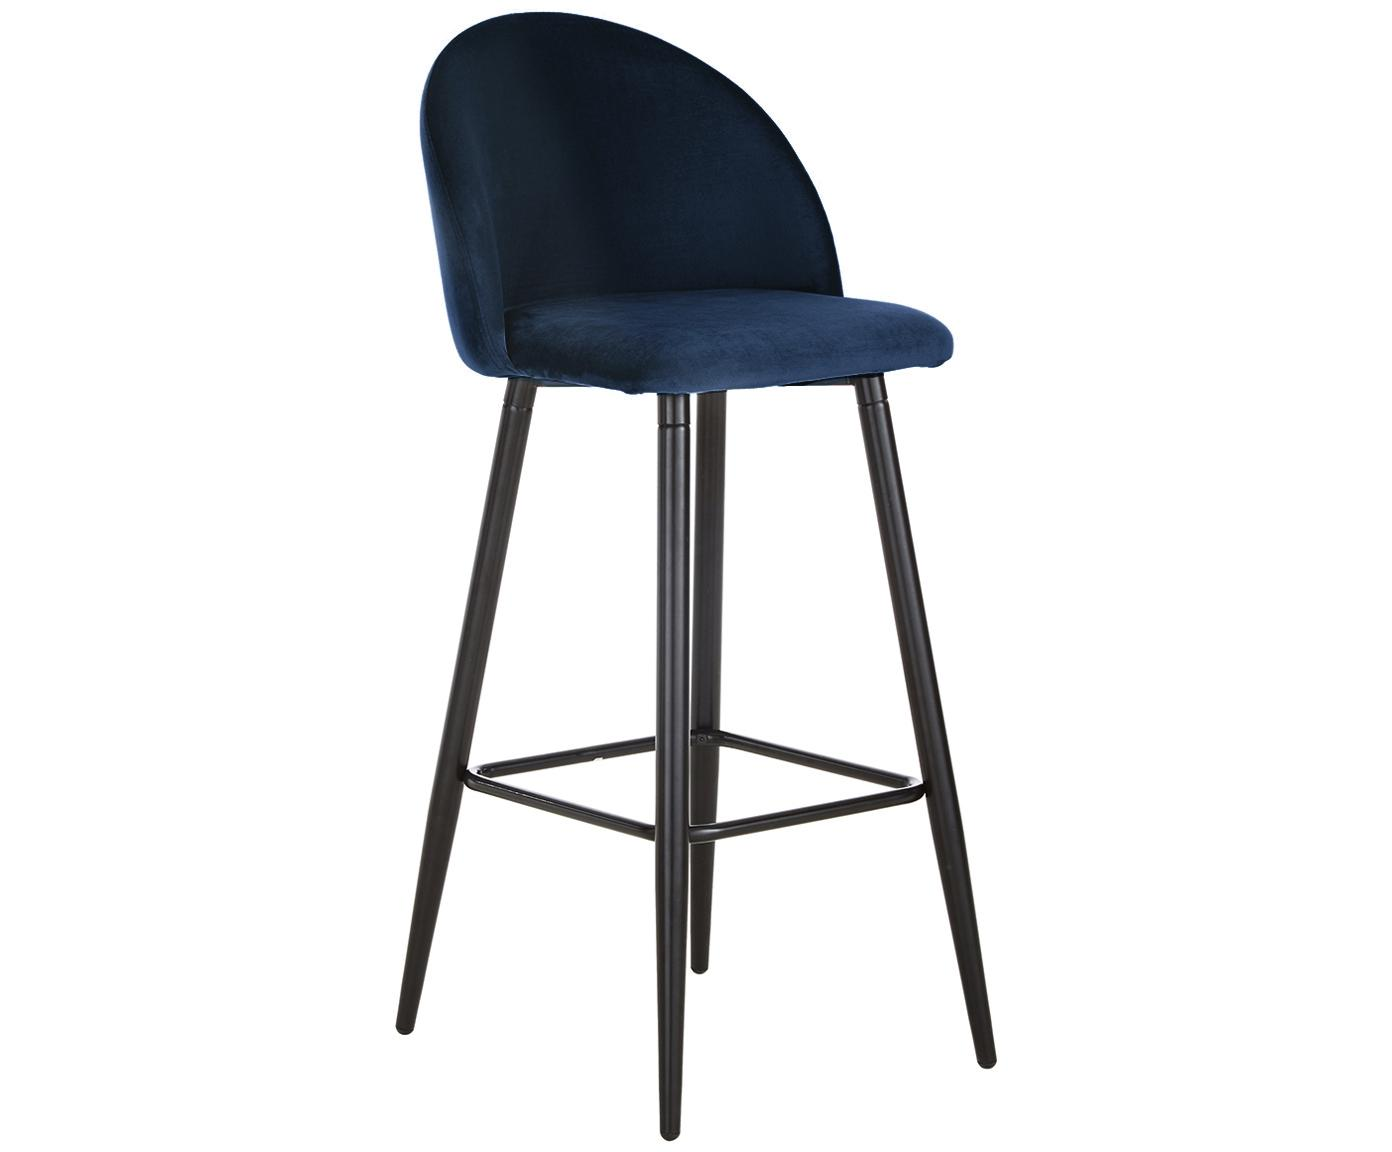 Sedia da bar in velluto blu scuro Amy, Rivestimento: velluto (poliestere) 20.0, Gambe: metallo verniciato a polv, Velluto blu scuro, Larg. 45 x Alt. 103 cm